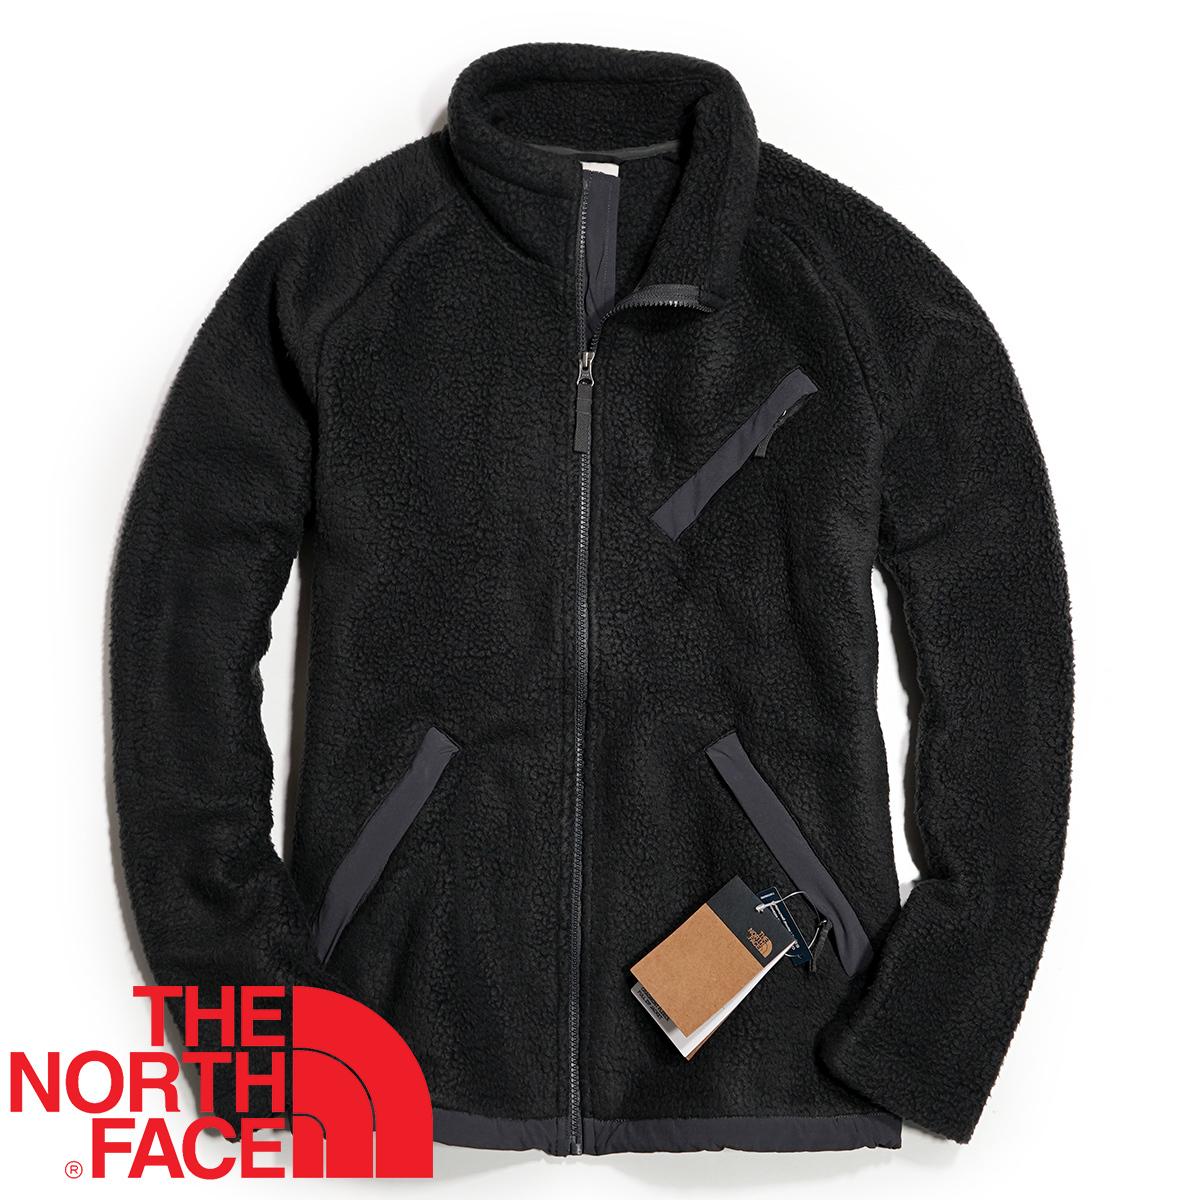 【新品本物 USA購入】THE NORTH FACE ノースフェイス ■ Cragmont Fleece ■ ブラック / L ■シェルパ フリースジャケット 海外限定_画像3